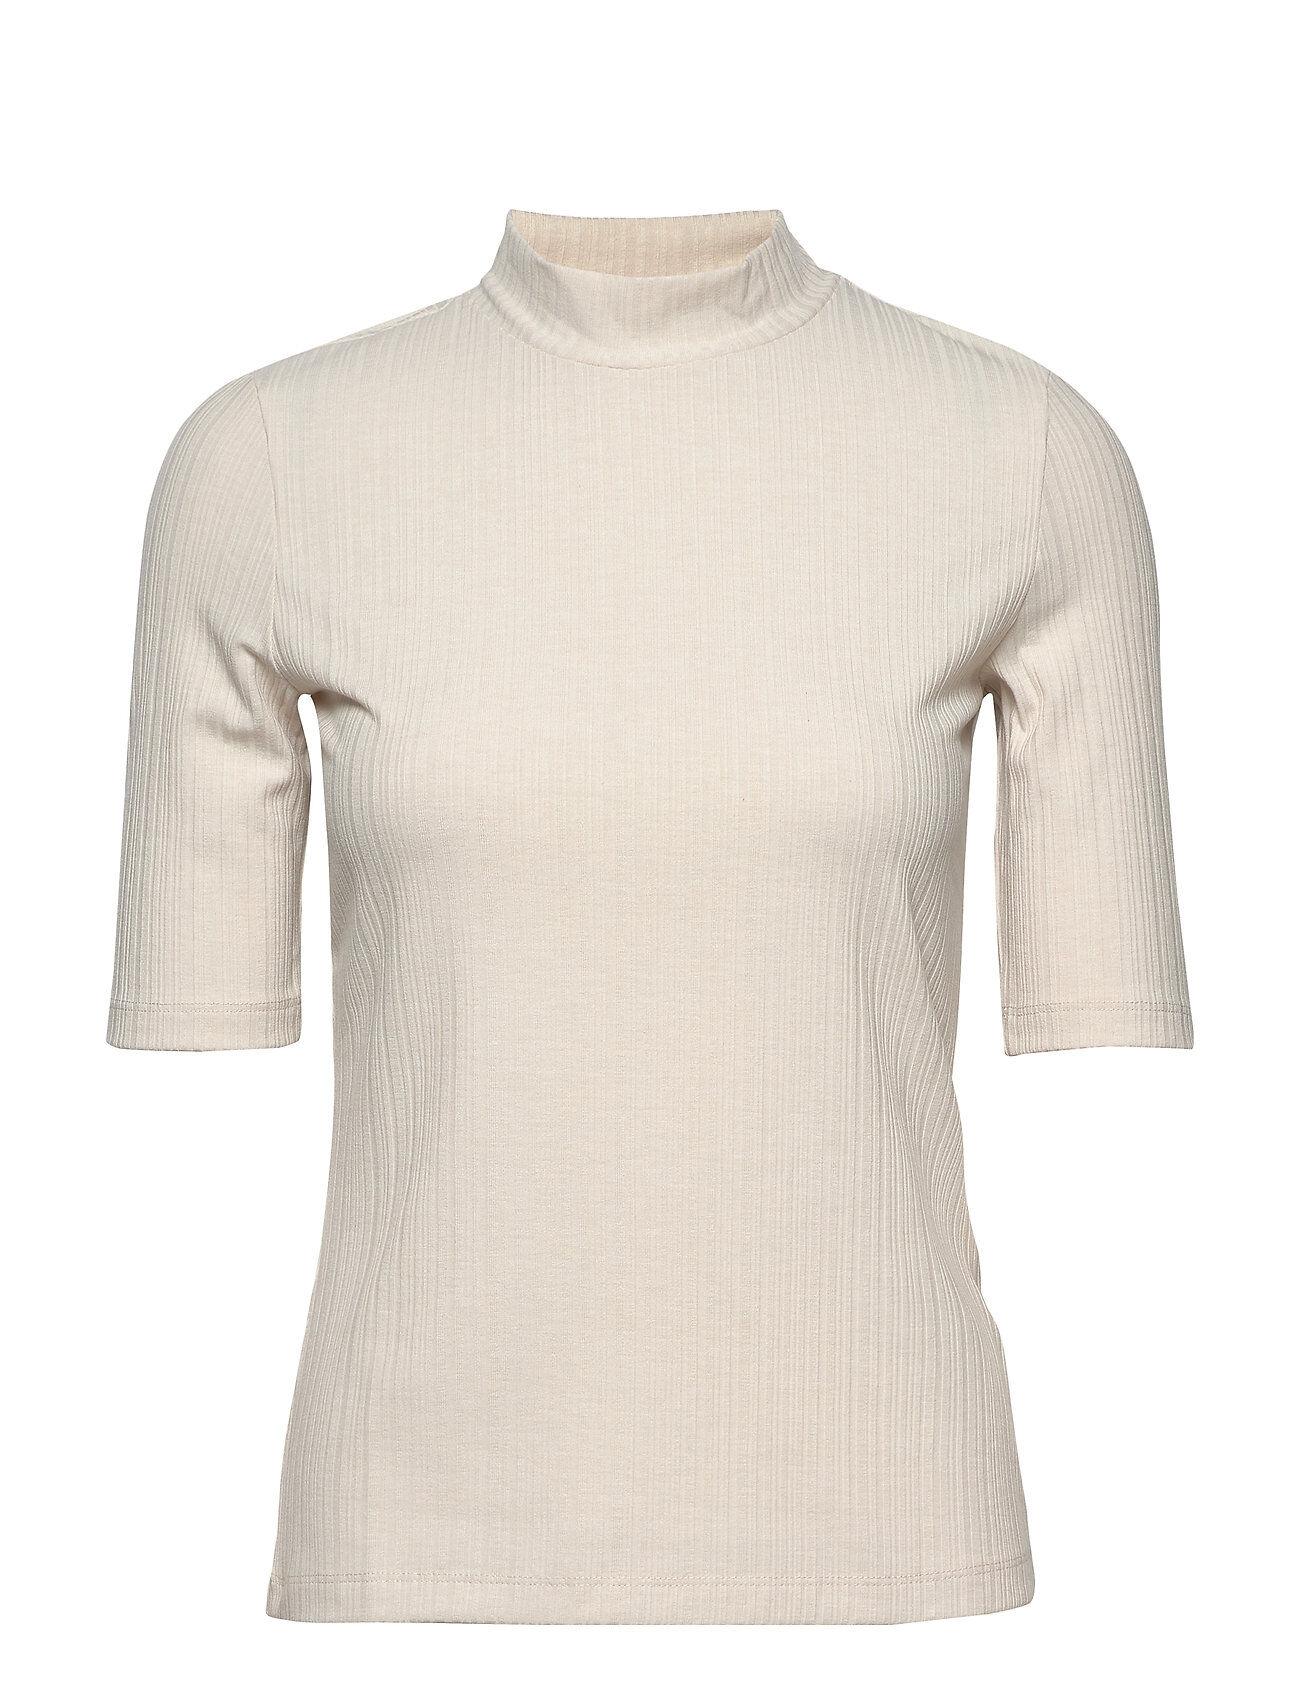 Vero Moda Vmketti 2/4 Tee Vma T-shirts & Tops Short-sleeved Kermanvärinen Vero Moda